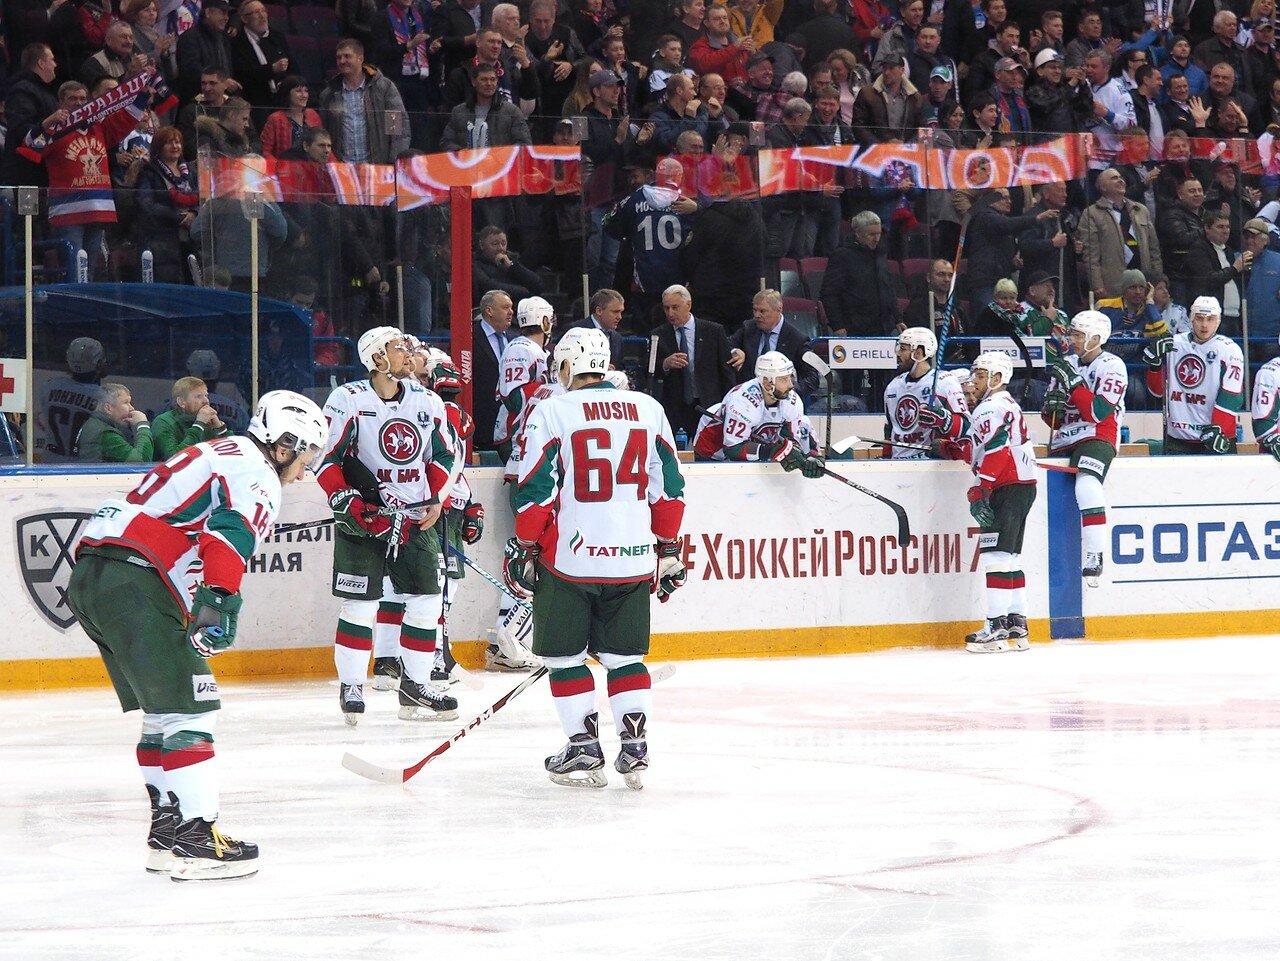 131 Первая игра финала плей-офф восточной конференции 2017 Металлург - АкБарс 24.03.2017